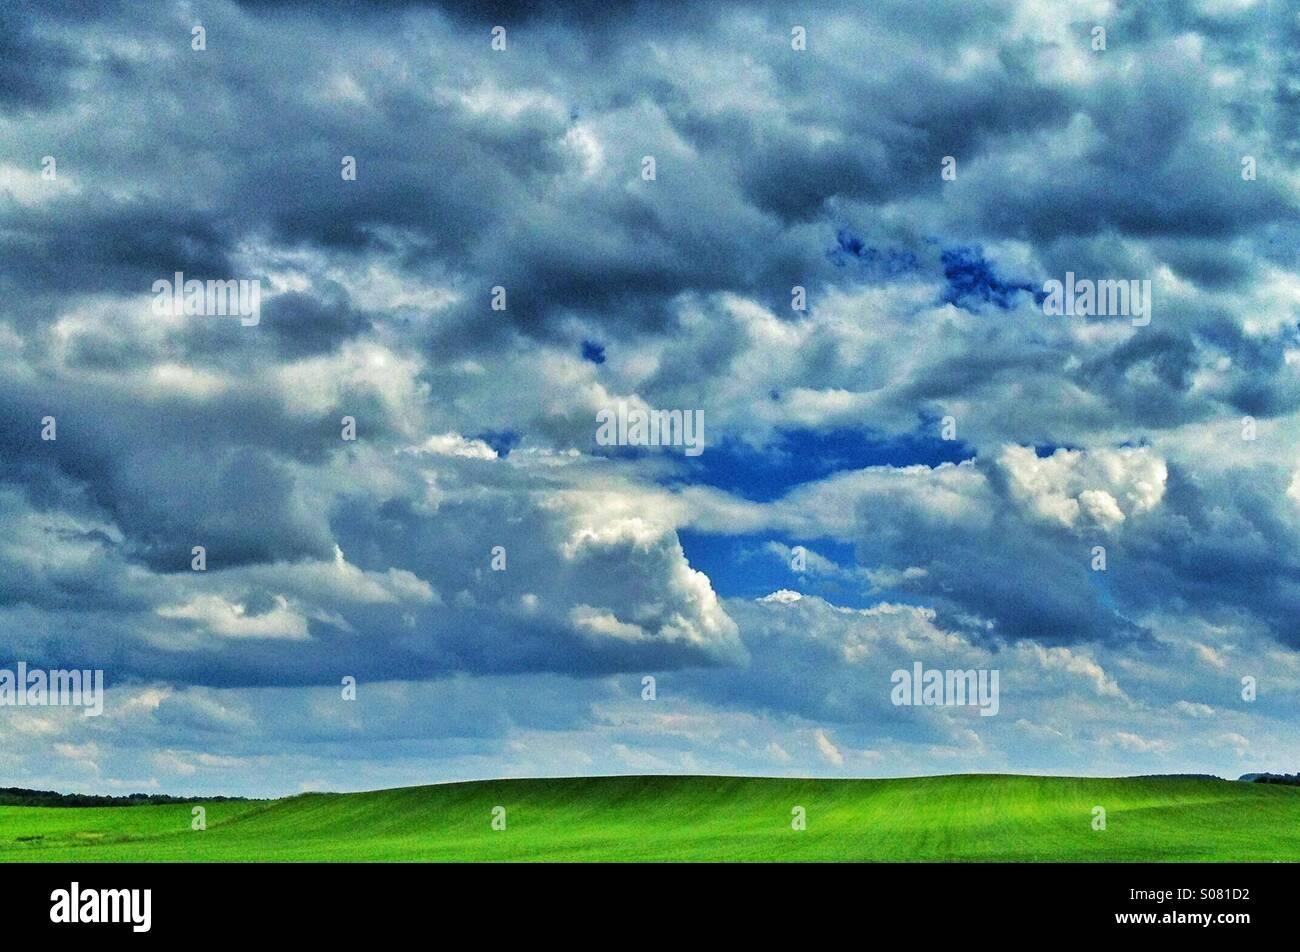 Hügellandschaft mit Wolken Stockbild